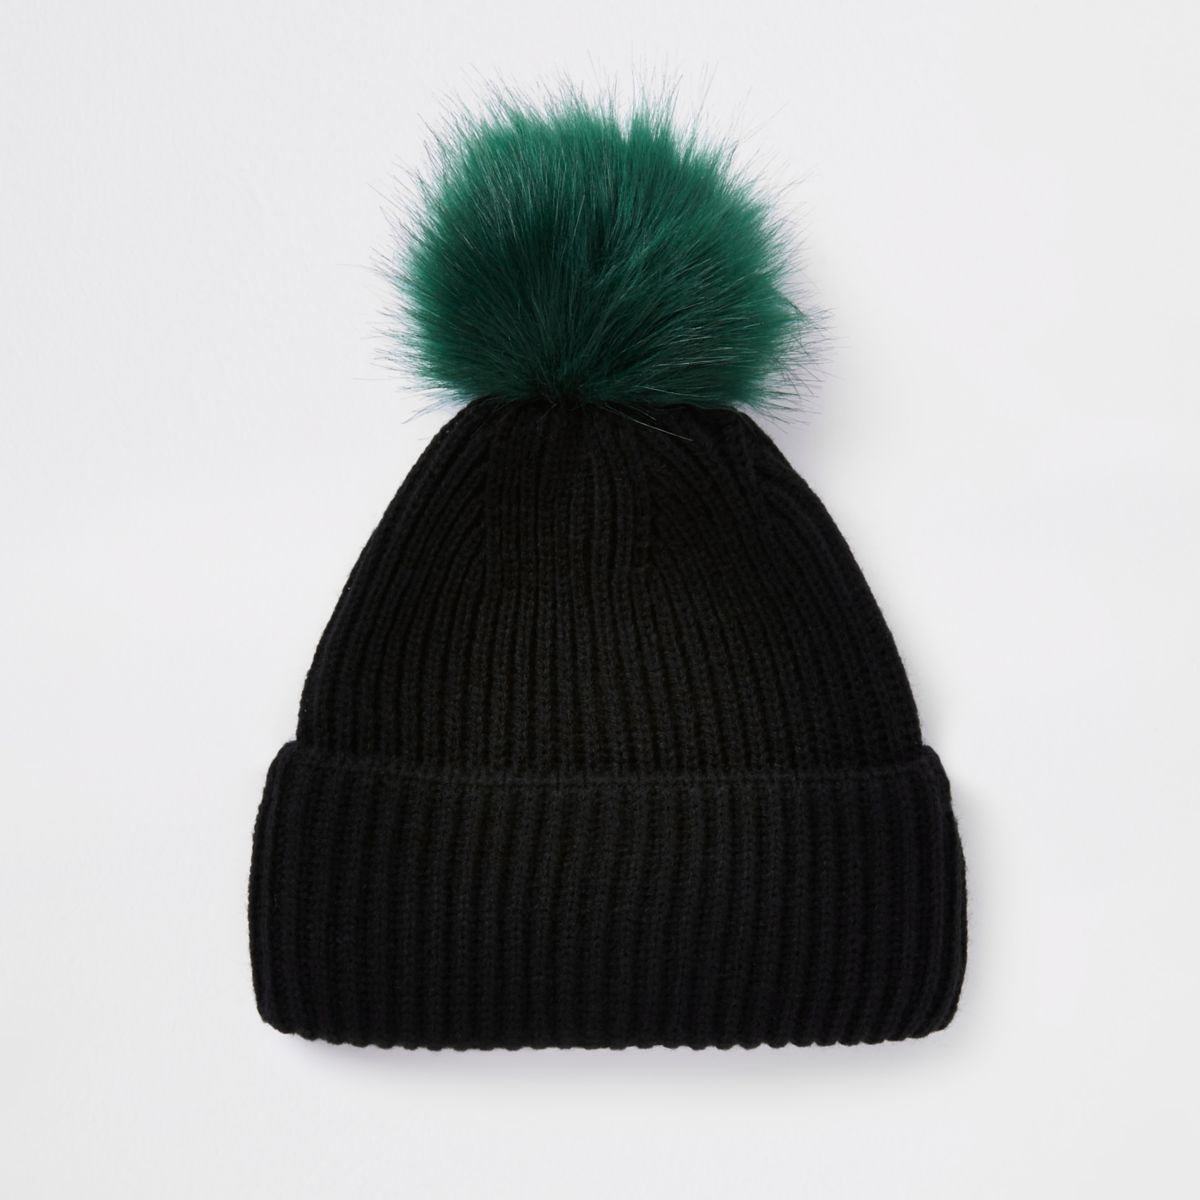 Black faux fur pom pom beanie hat